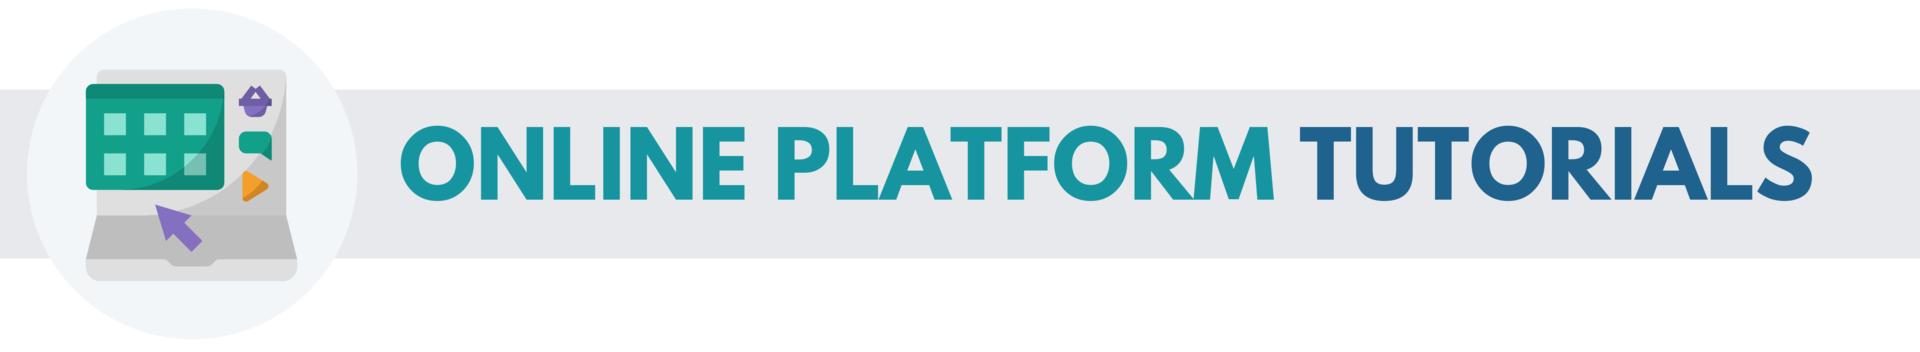 Online Platform Tutorials